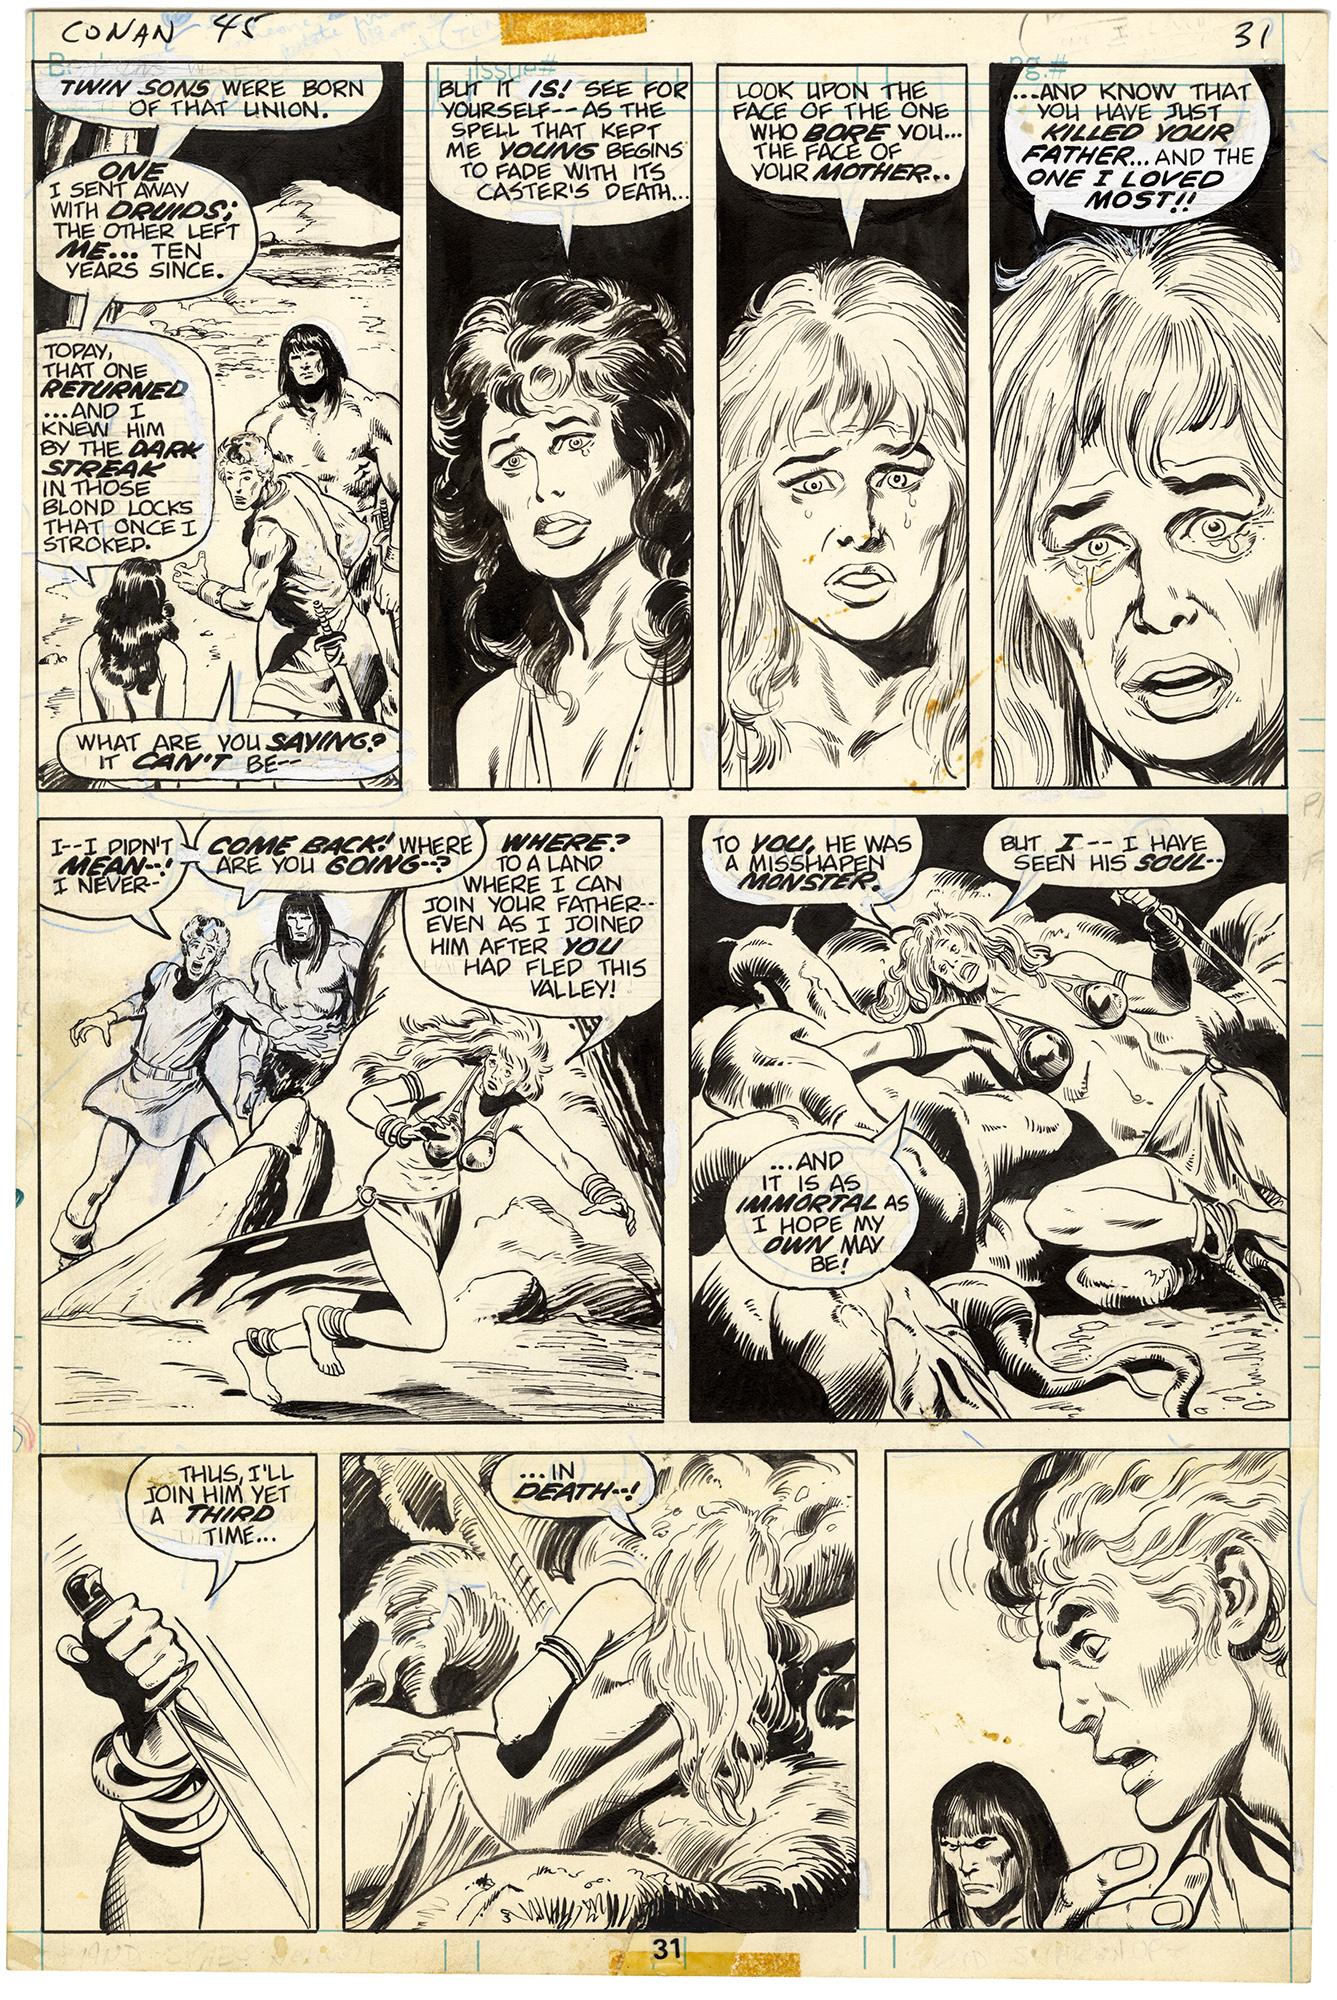 Conan the Barbarian #45 p31